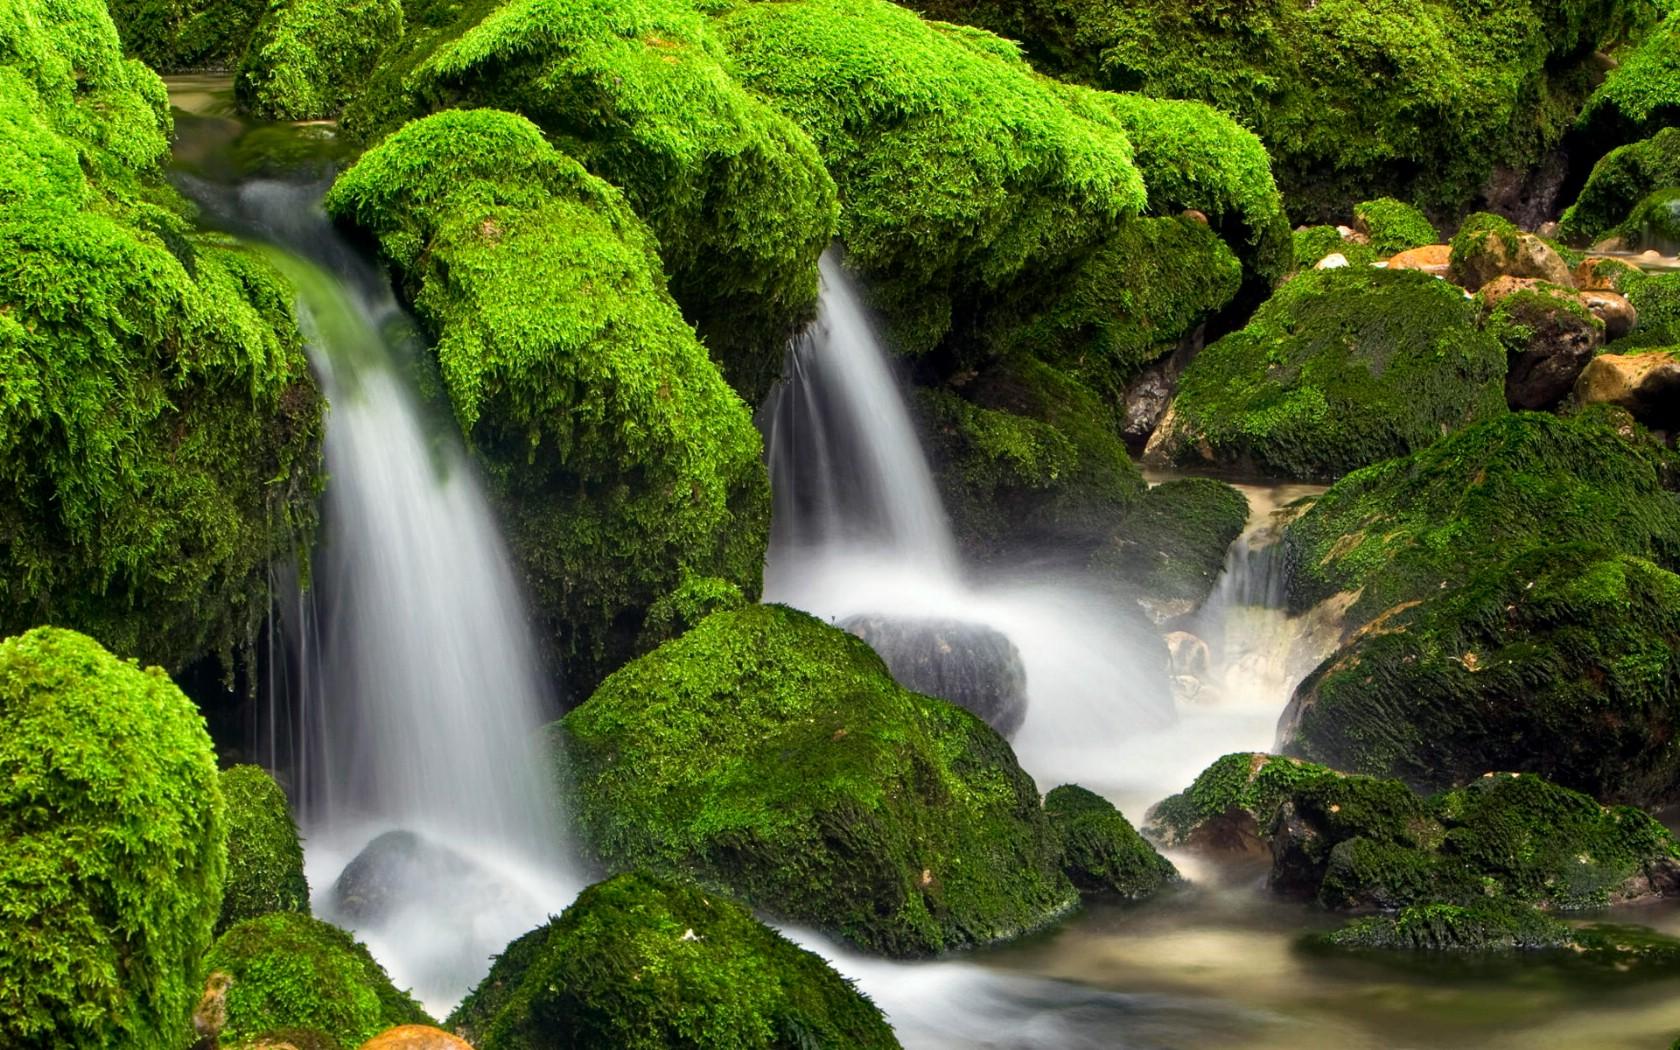 壁纸世界山水 - 电脑桌面山水瀑布壁纸